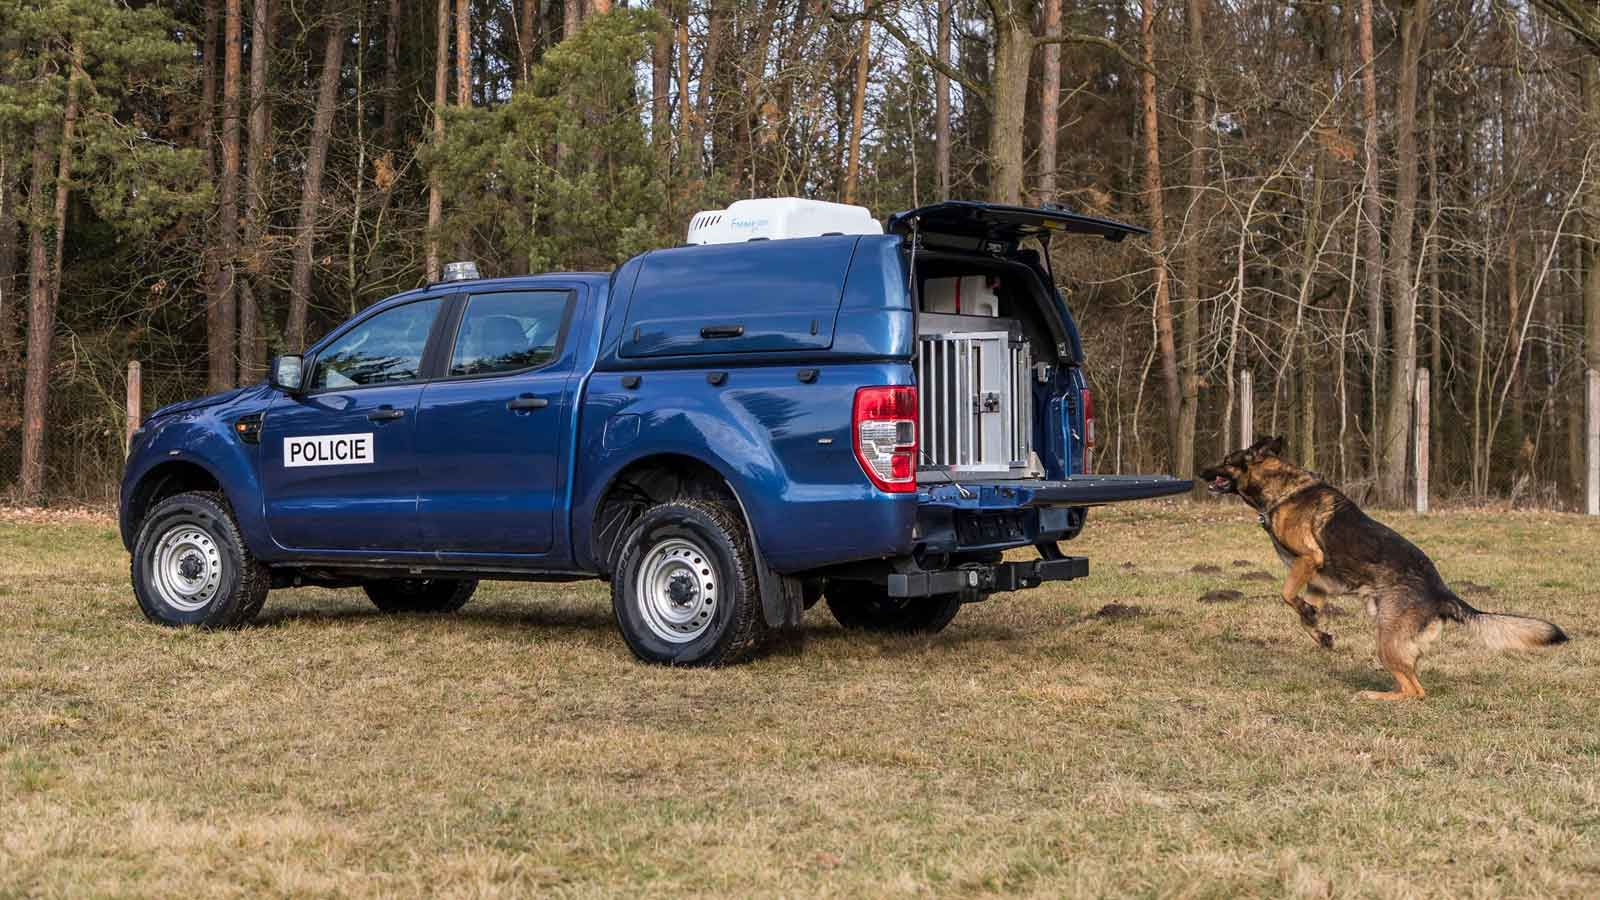 Ford je spolehlivým partnerem Policie a Ministerstva vnitra České republiky | Ford je spolehlivým partnerem Policie a Ministerstva vnitra České republiky